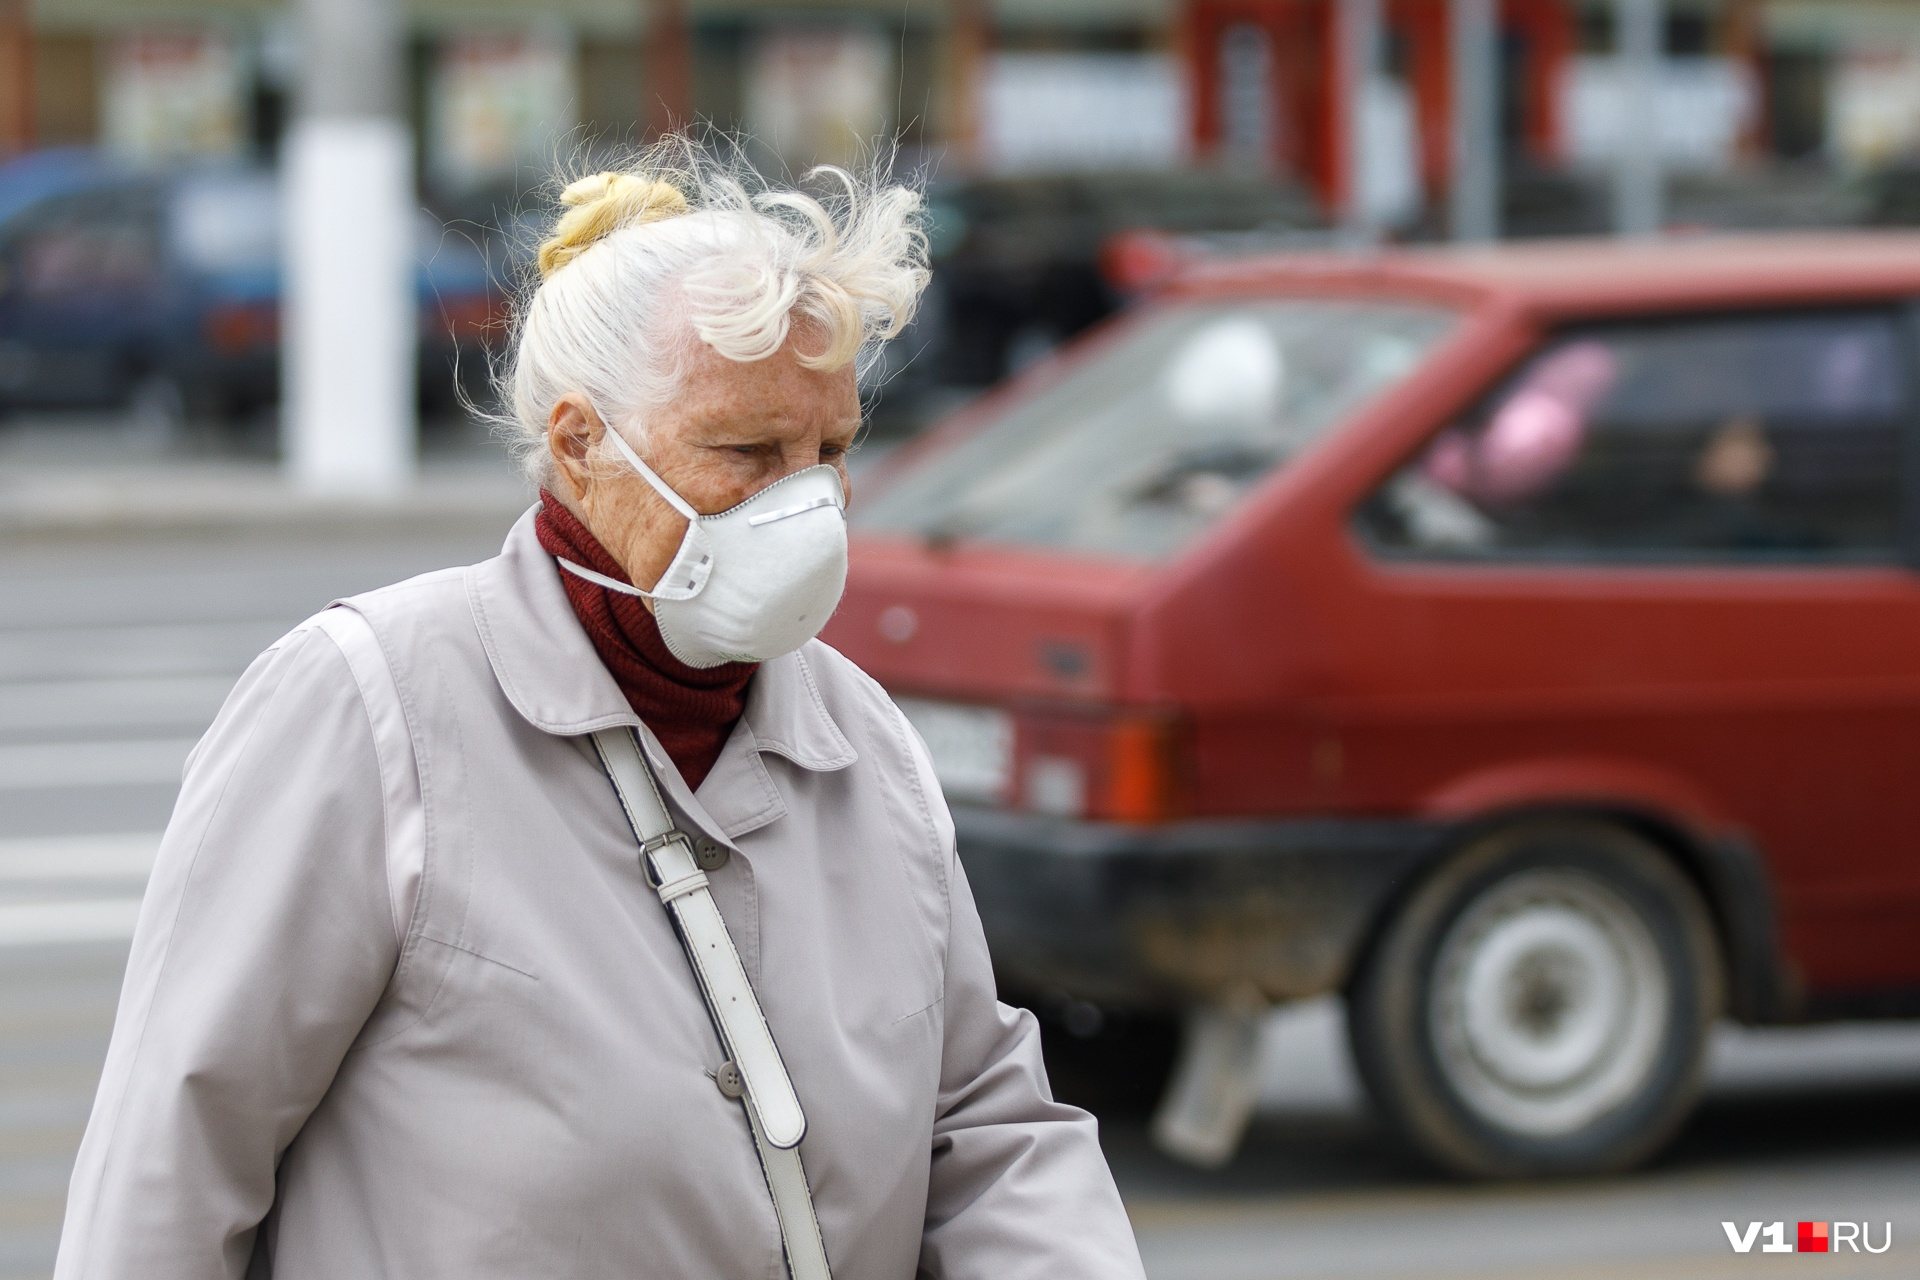 По словам эпидемиолога, в регионе есть положительные примеры, когда люди старше 80 лет успешно вылечивались